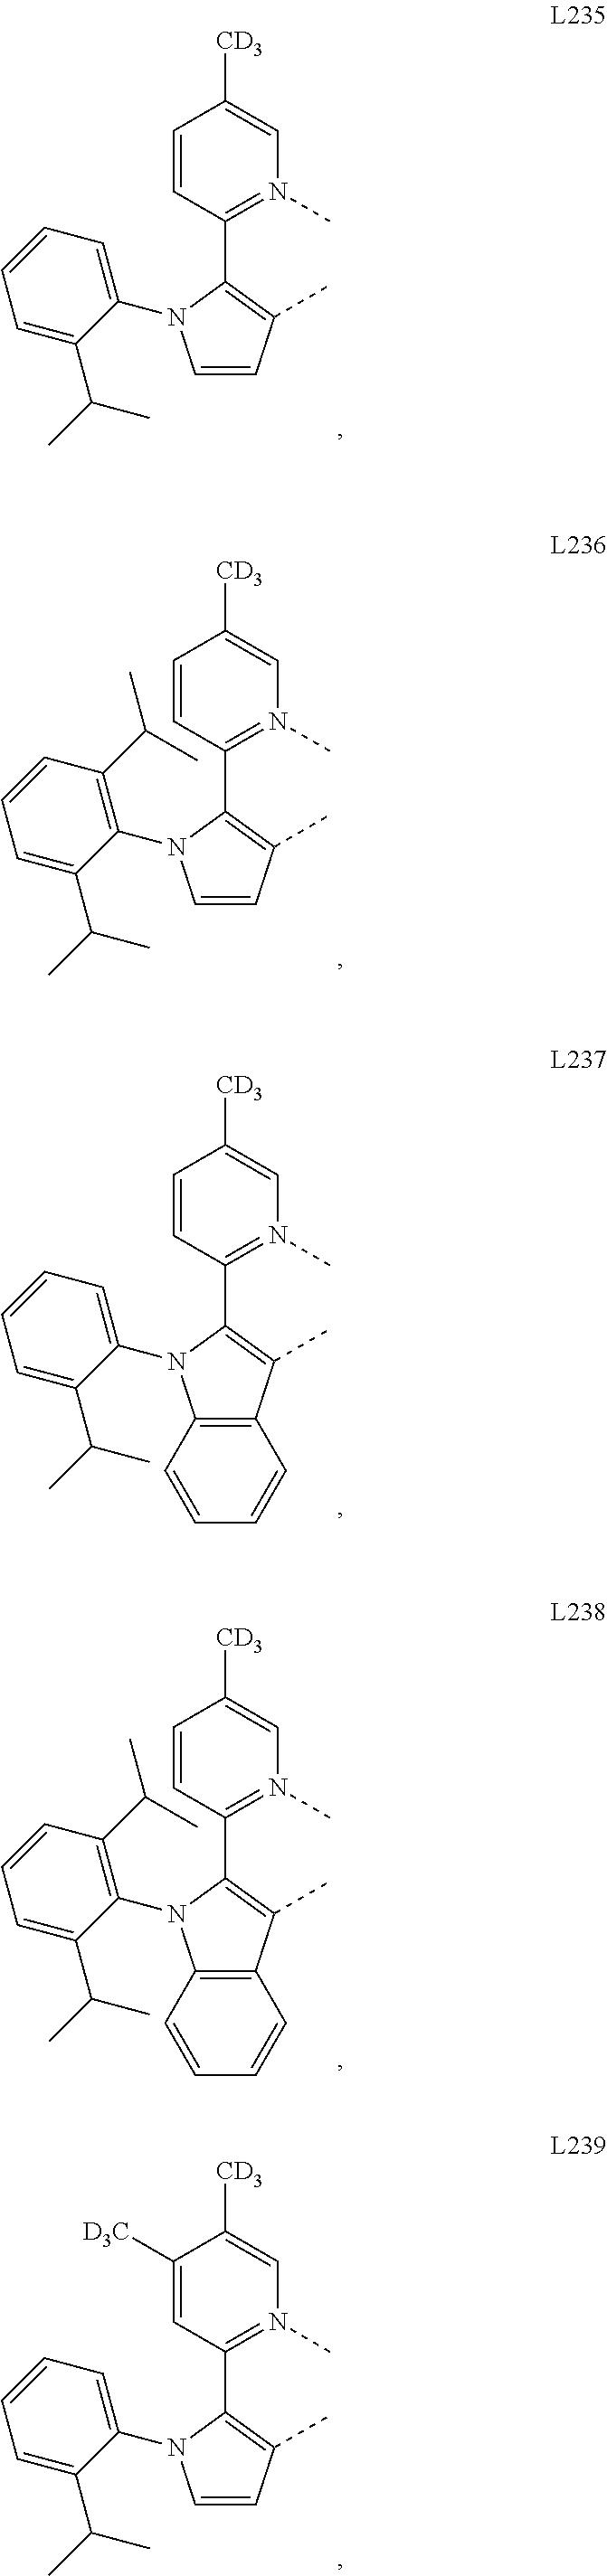 Figure US09935277-20180403-C00053